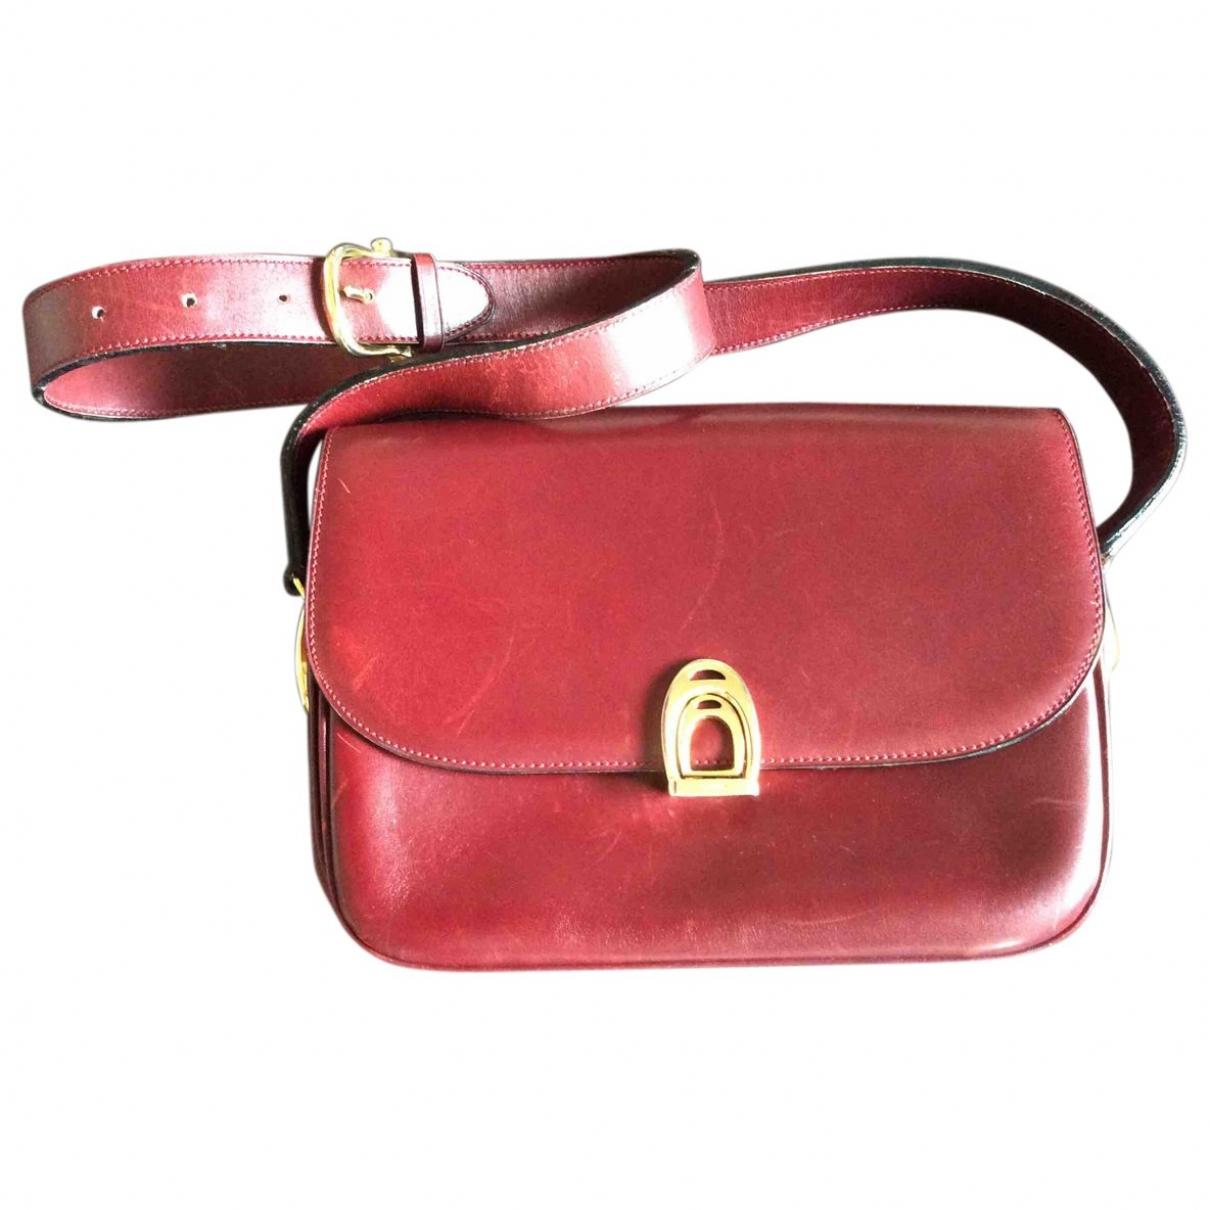 Celine \N Burgundy Leather handbag for Women \N